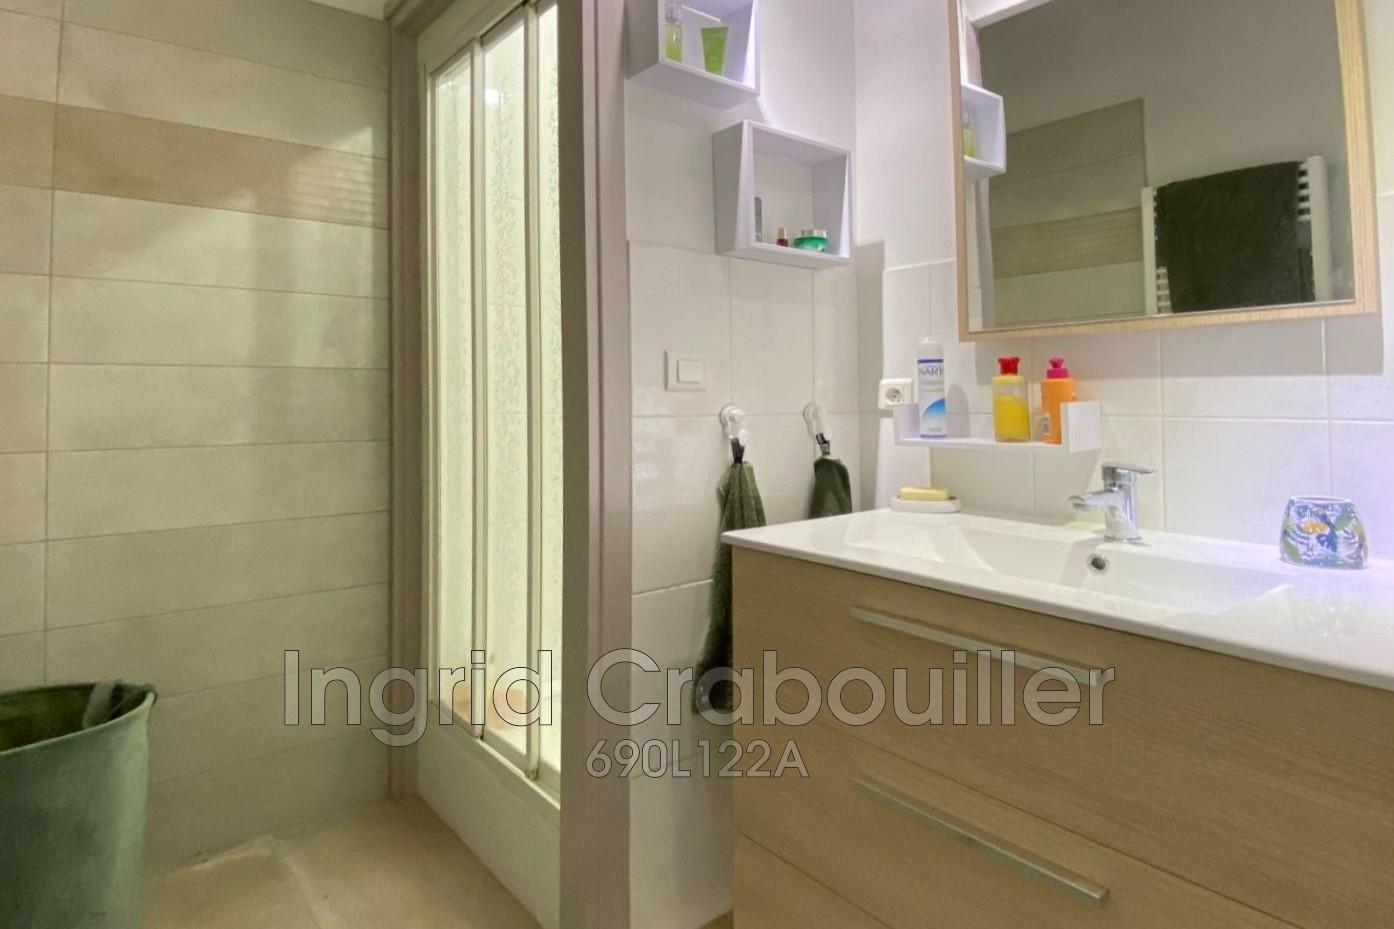 Location saisonnière appartement Royan - réf. 690L122A